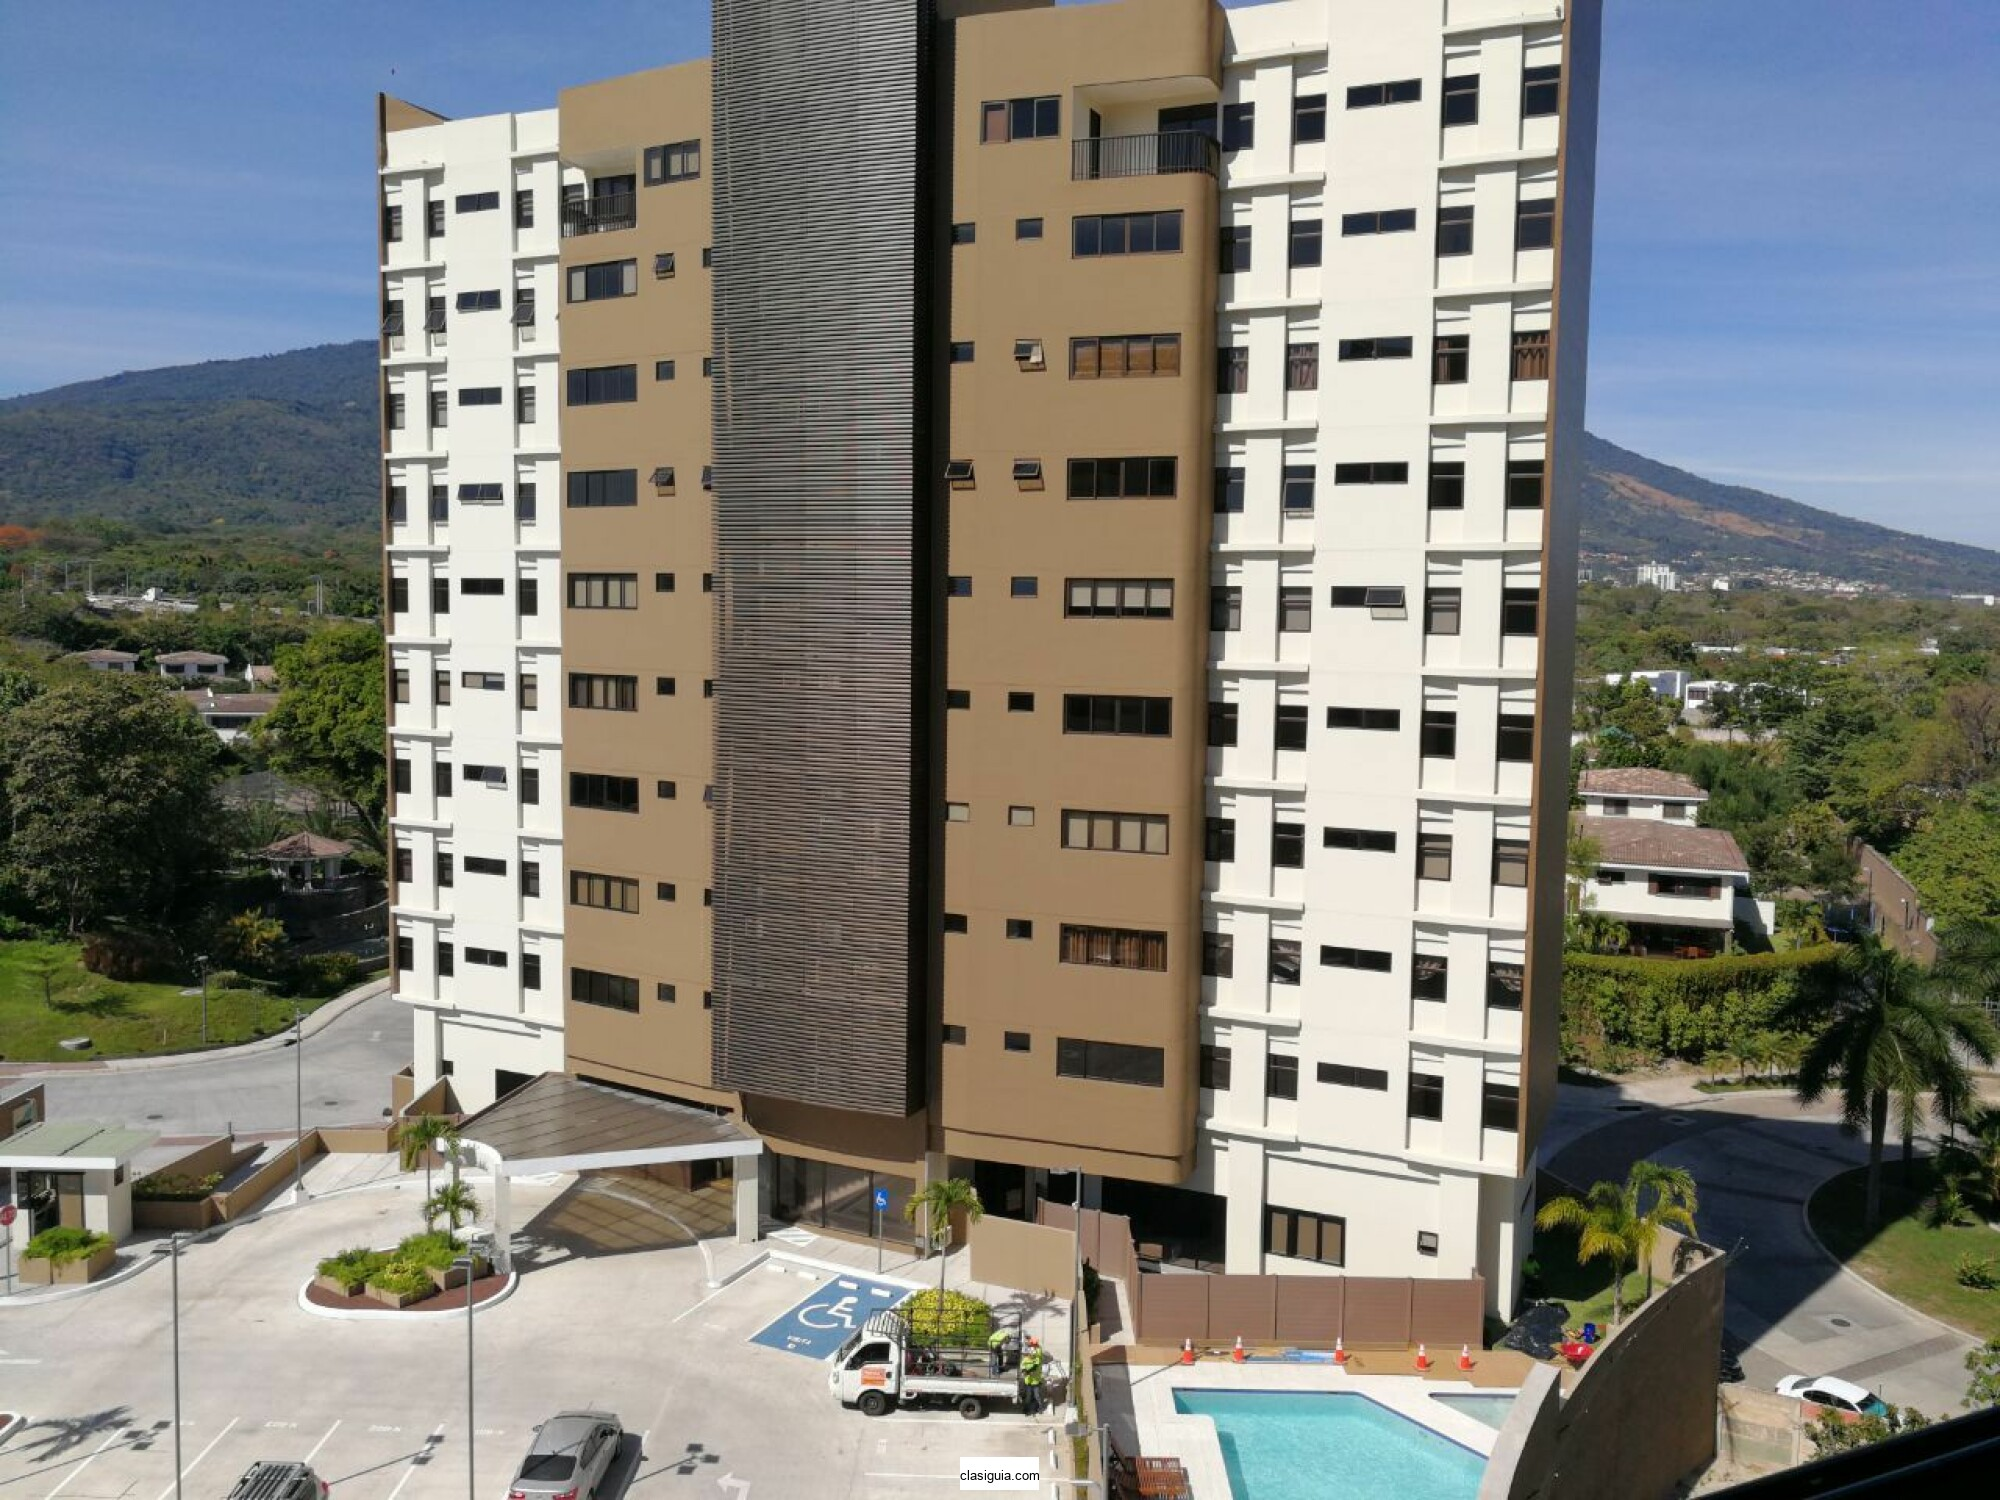 SE ALQUILA APARTAMENTO TORRE LOS FAROS (zona multiplaza), CON LINEA BLANCA, tiene167 mts2